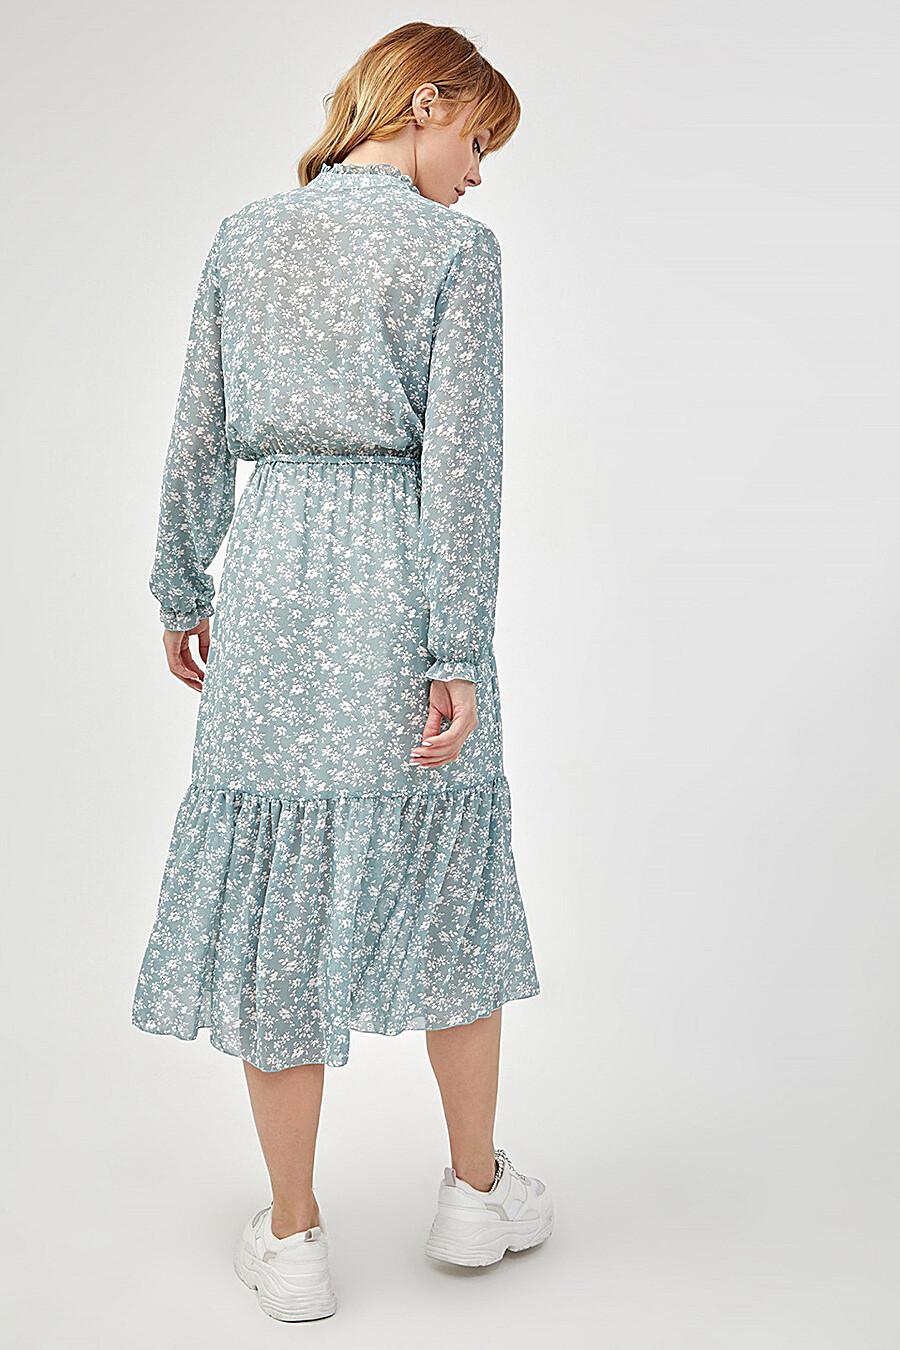 Платье TOM FARR (149615), купить в Moyo.moda